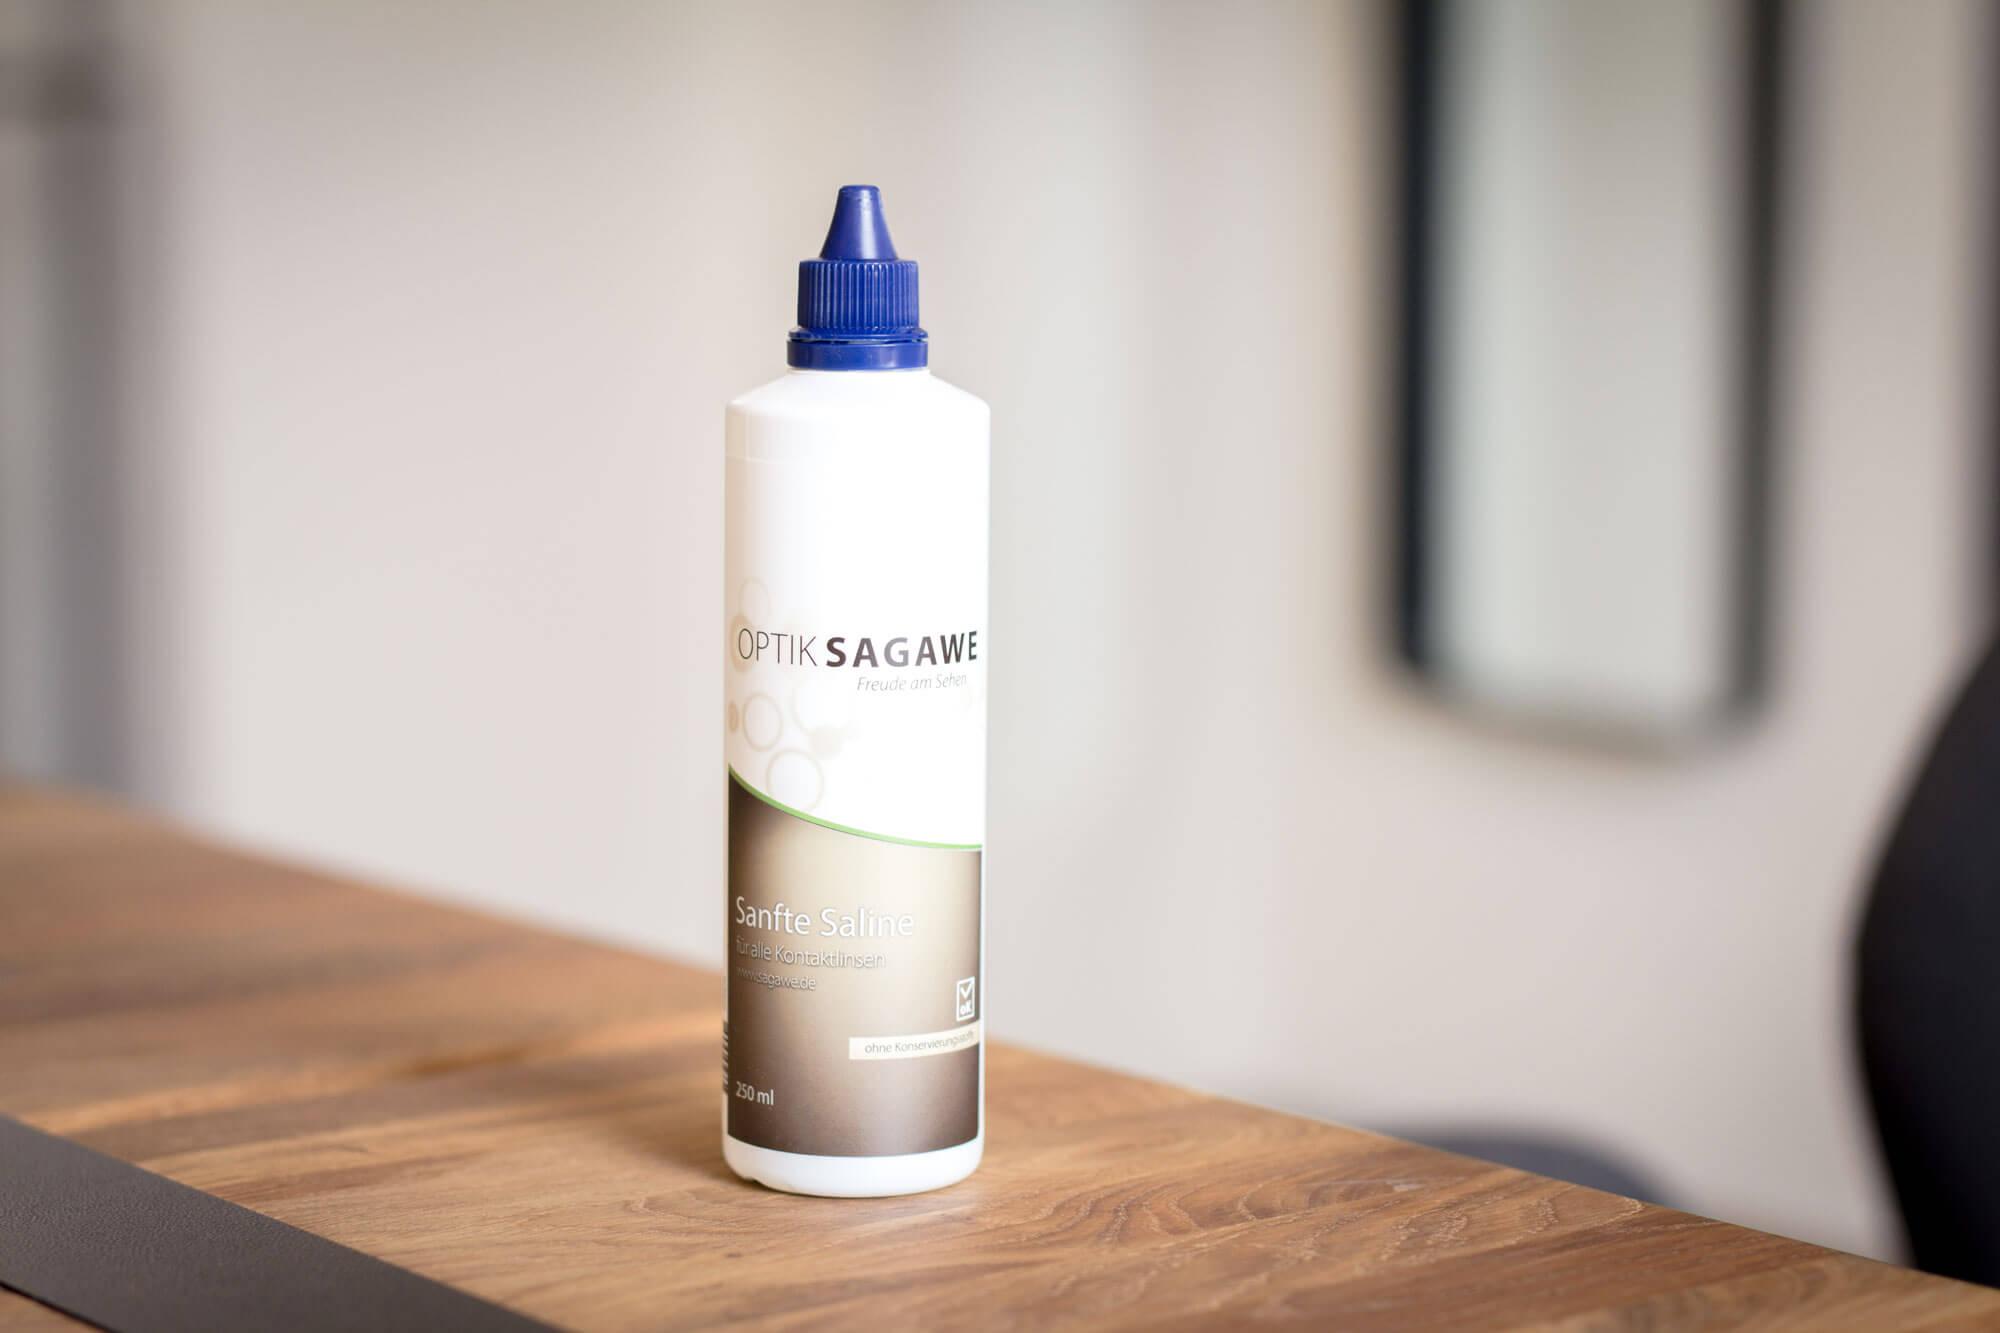 OS Premium sanfte Saline 250ml